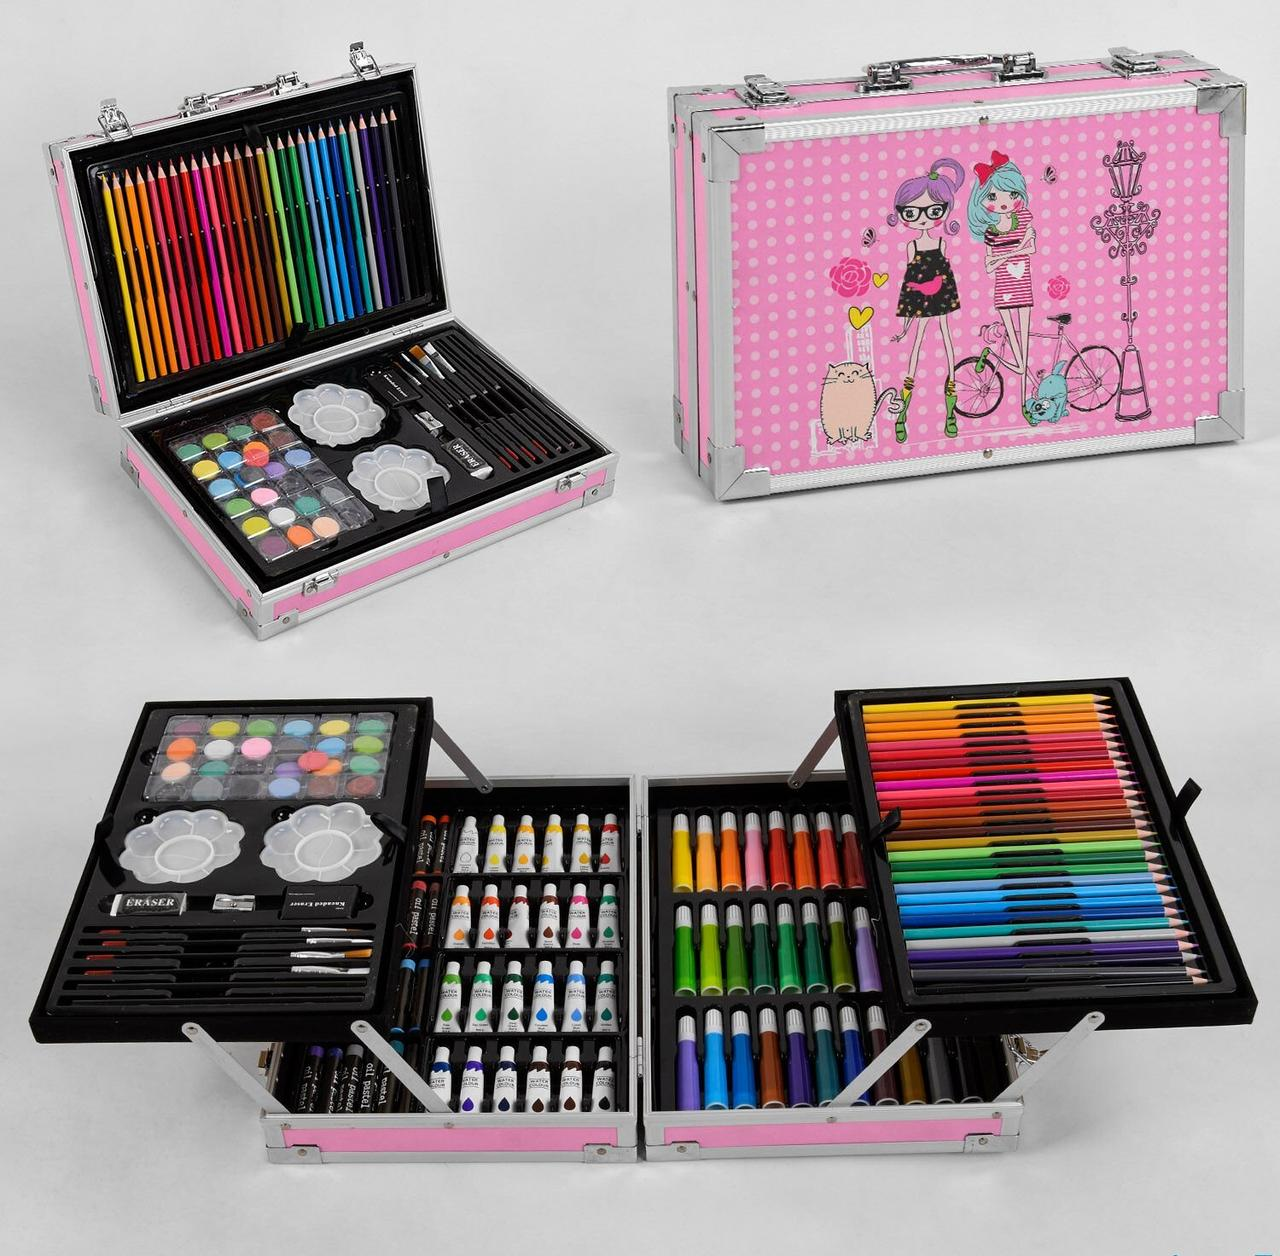 Набір художника у валізі з фарбами, палітрою, фломастерами та олівцями С 44494 (145 предметів)